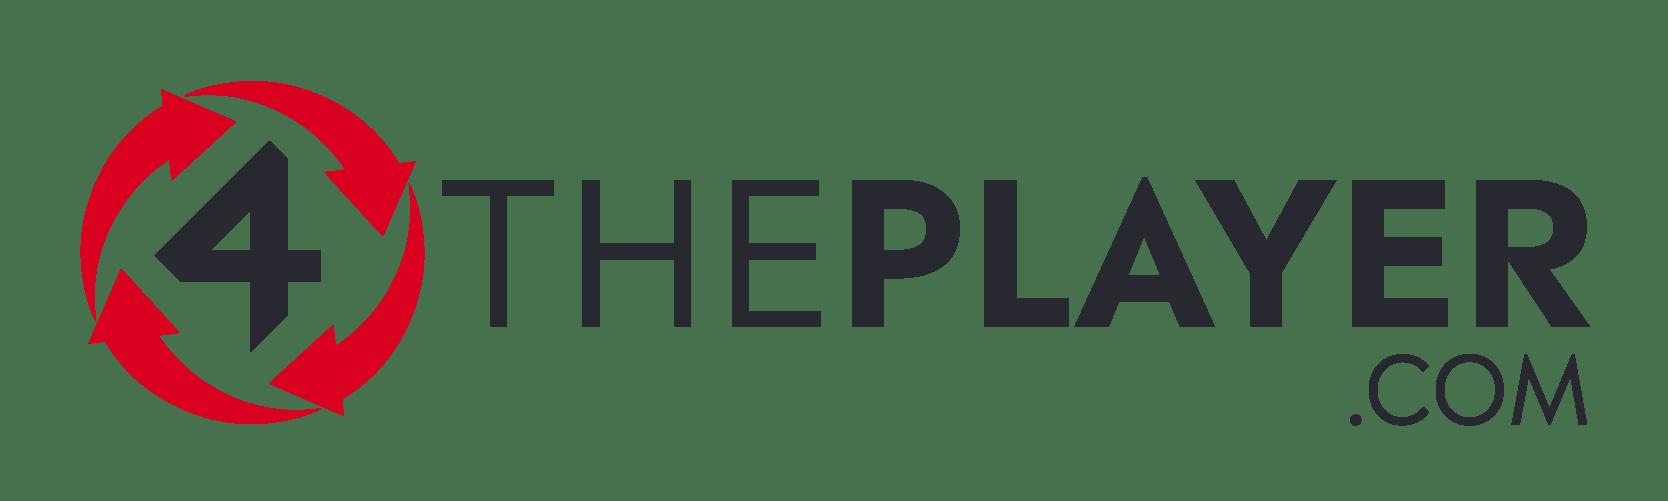 4ThePlayer giochi